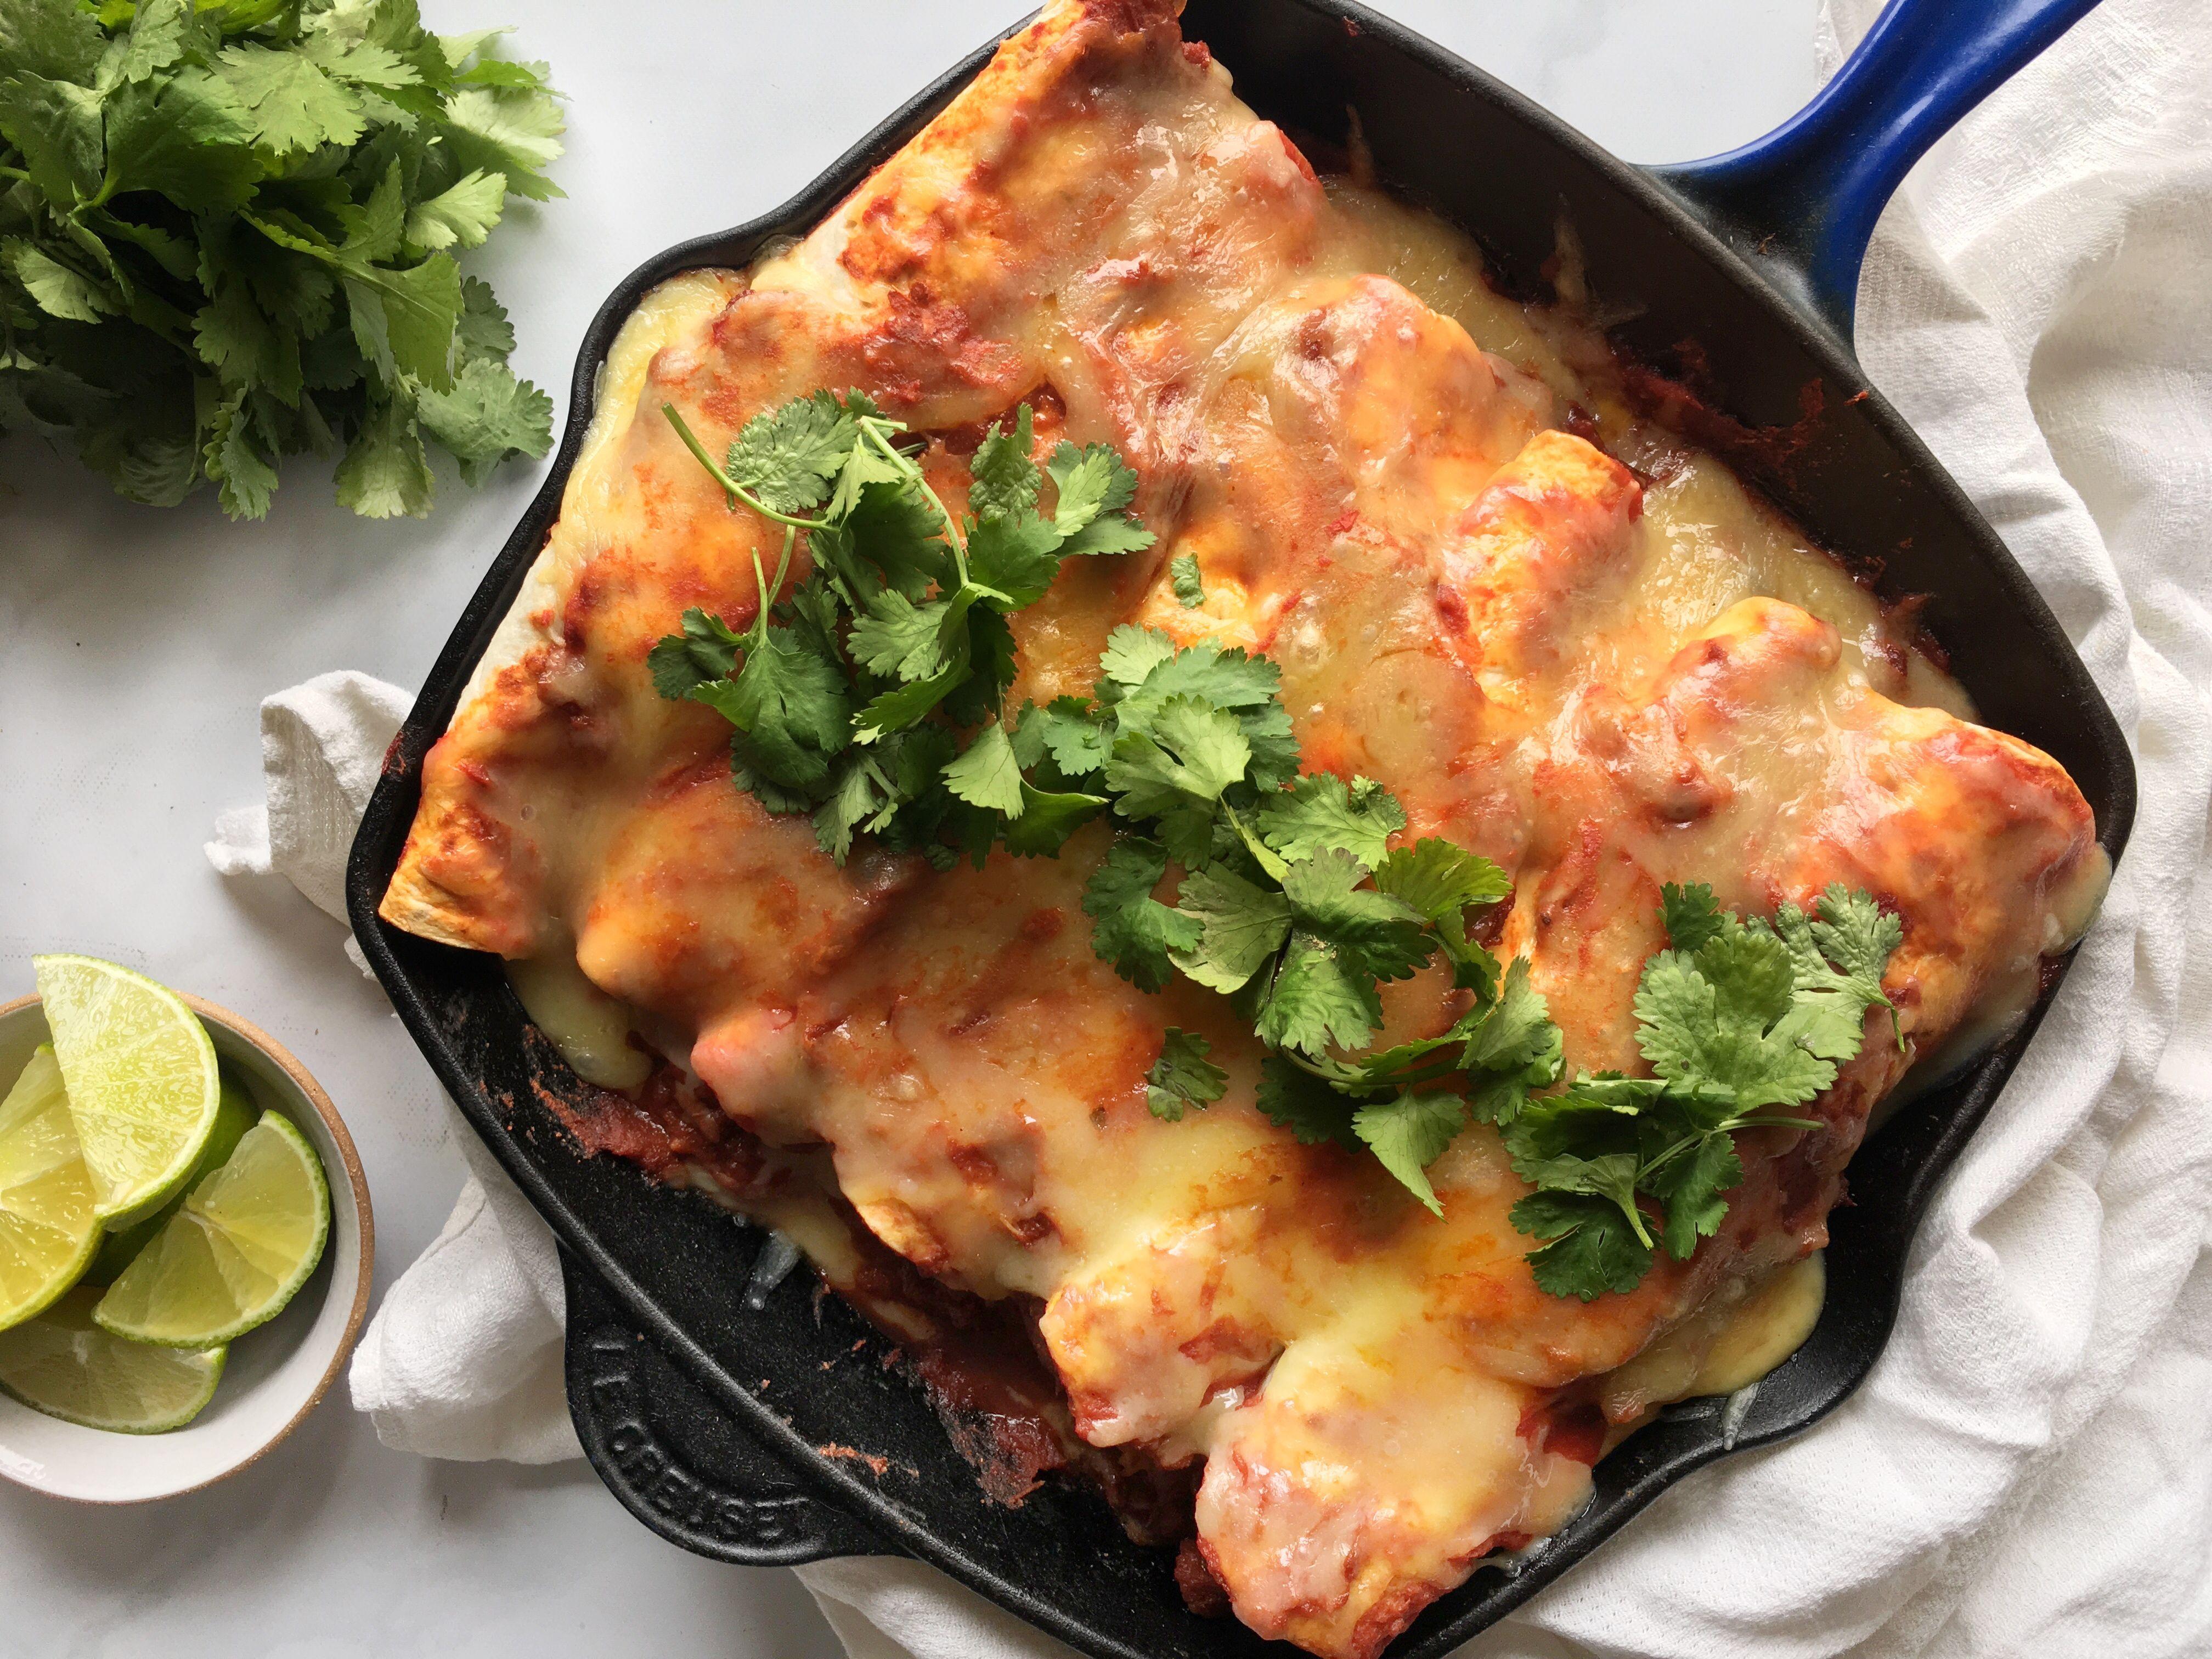 Large Party Dinner Ideas Part - 50: 30+ Cinco De Mayo Menu Ideas - Mexican Party Recipes For Cinco De Mayo  Foodu2014Delish.com